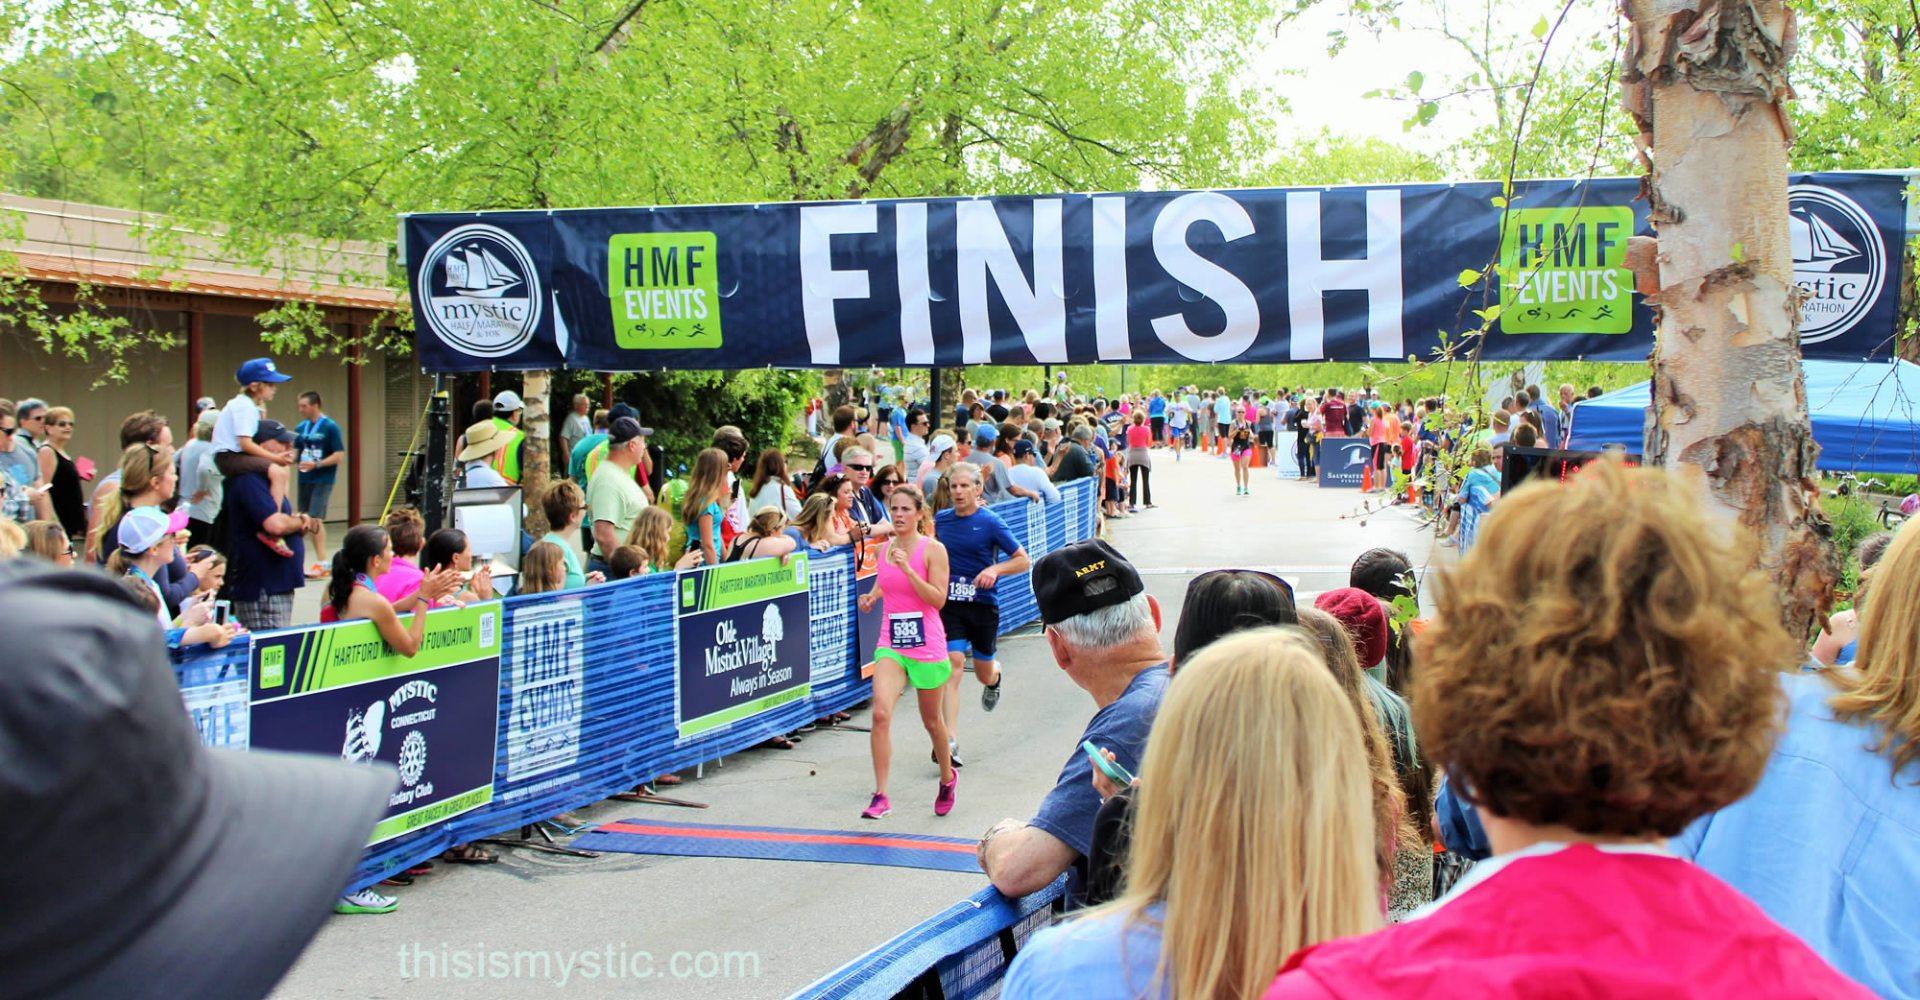 Half Marathon finish line at Mystic Aquarium